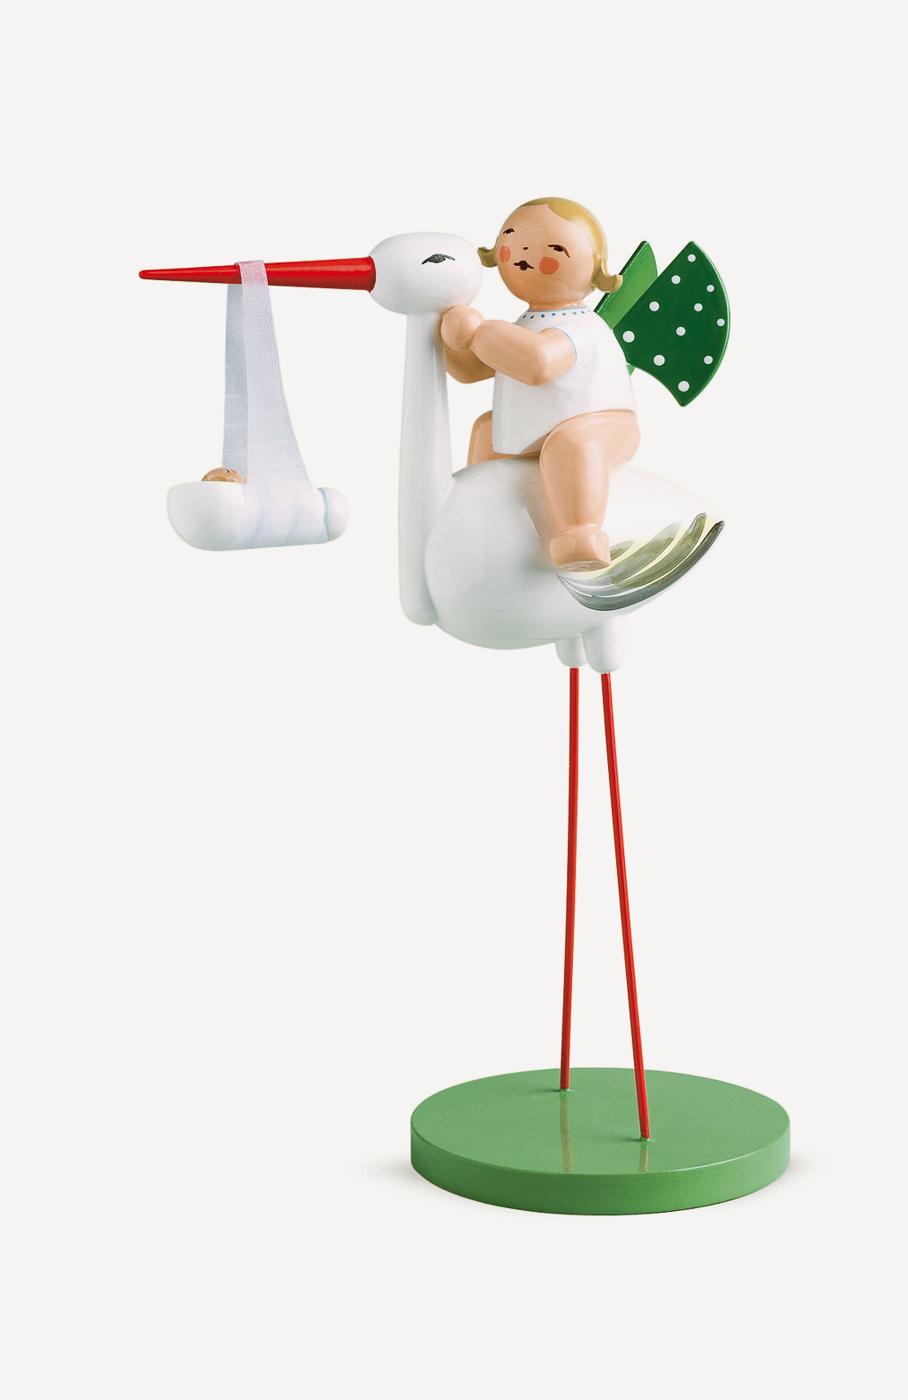 Storch mit Wickelkind, Junge